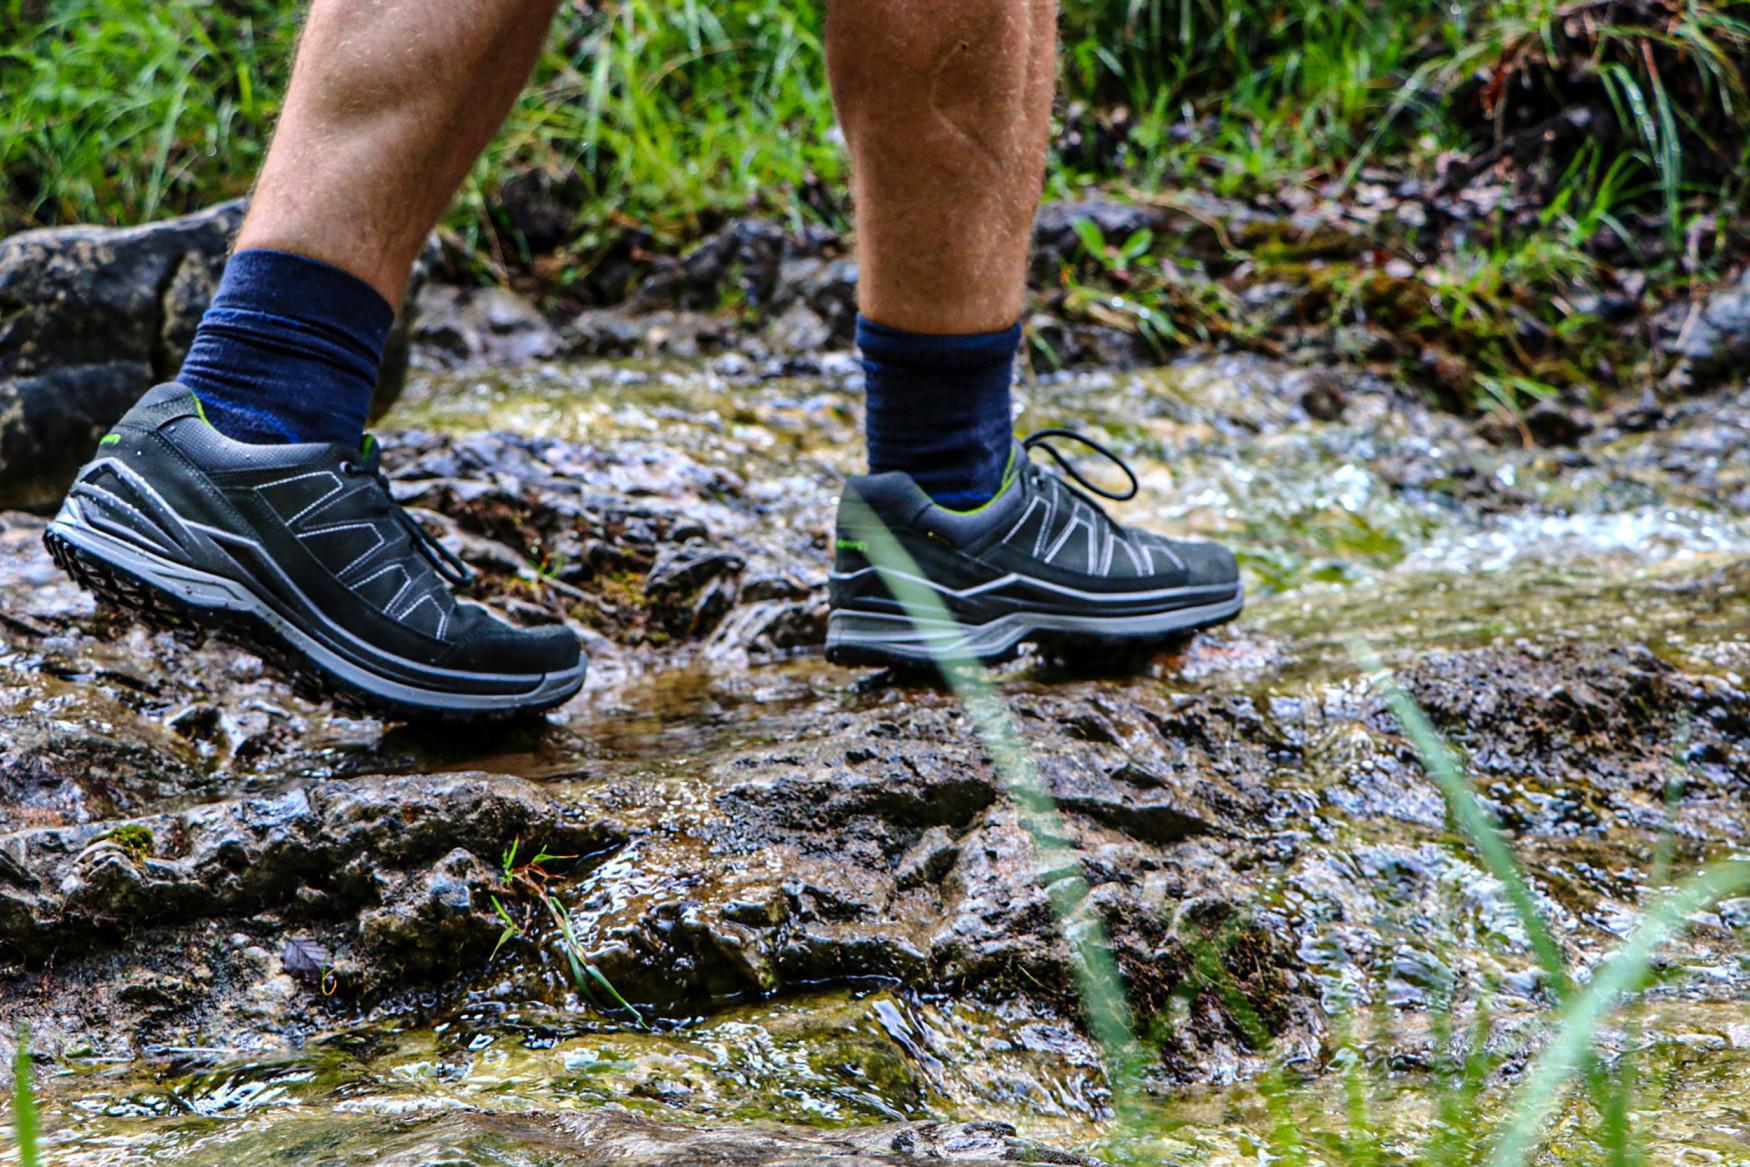 Die neuen Multifunktionsschuhe TORO EVO LL LO überzeugen durch eine überaus gute Passform und sportliche Gene – vom robusten Materialmix bis hin zur griffigen Außensohle. Die Schuhe kommen im modernen Derbyschnitt daher und überzeugen dank Lederfutter mit optimalem Tragekomfort. Zudem sorgt der patentierte LOWA-MONOWRAP®-Rahmen für eine erhöhte Führung des Fußes und die direkt angespritzte Zwischensohle aus LOWA DynaPU® für eine optimale Dämpfung bei jedem Schritt.